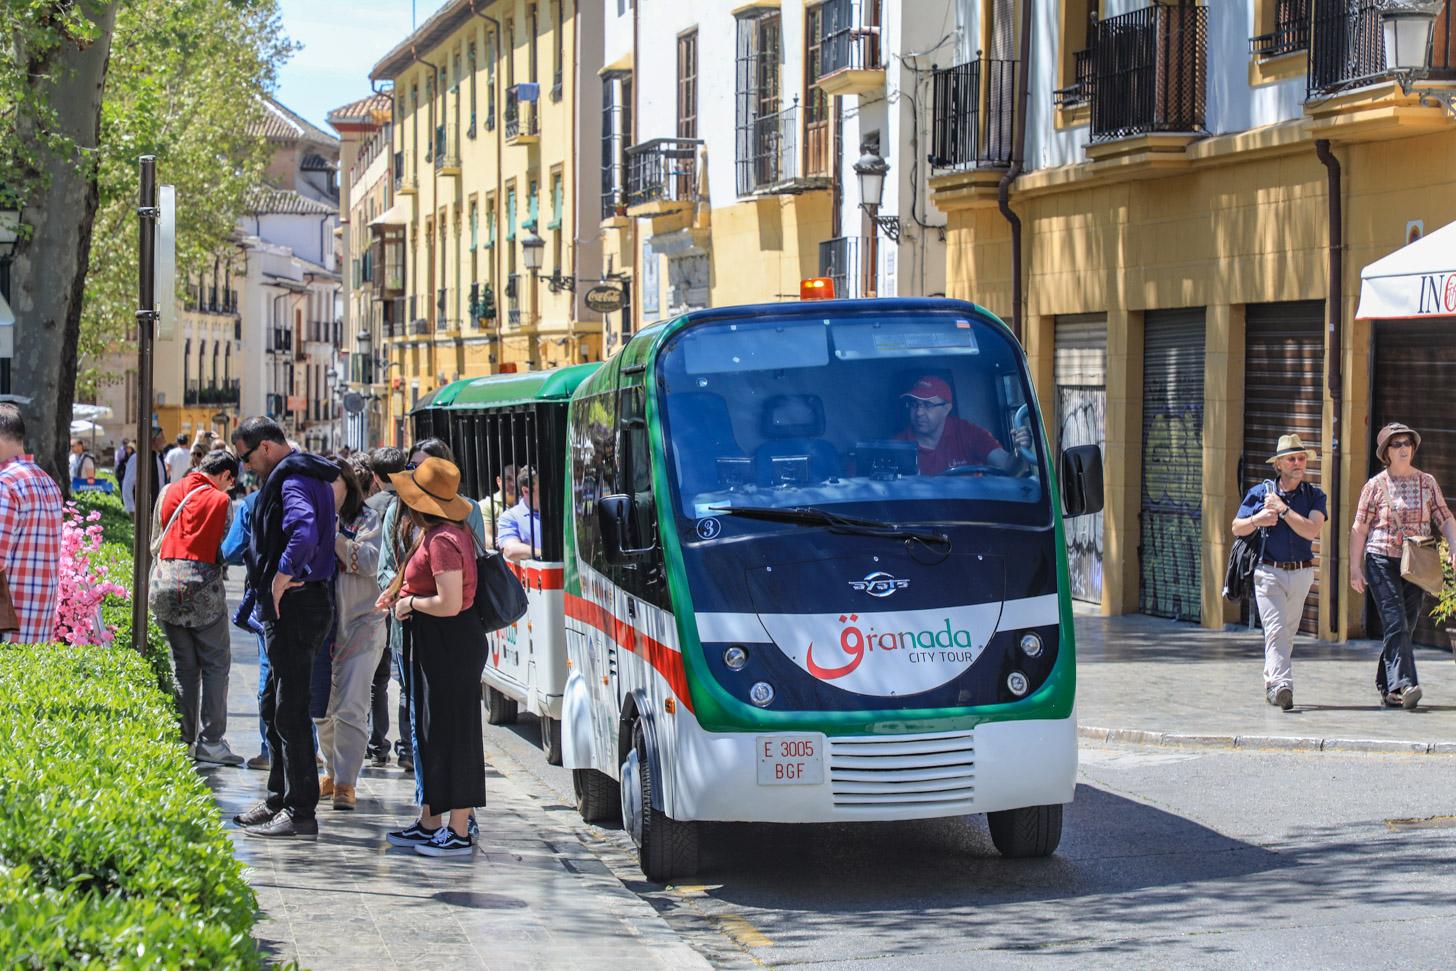 Granada City Train